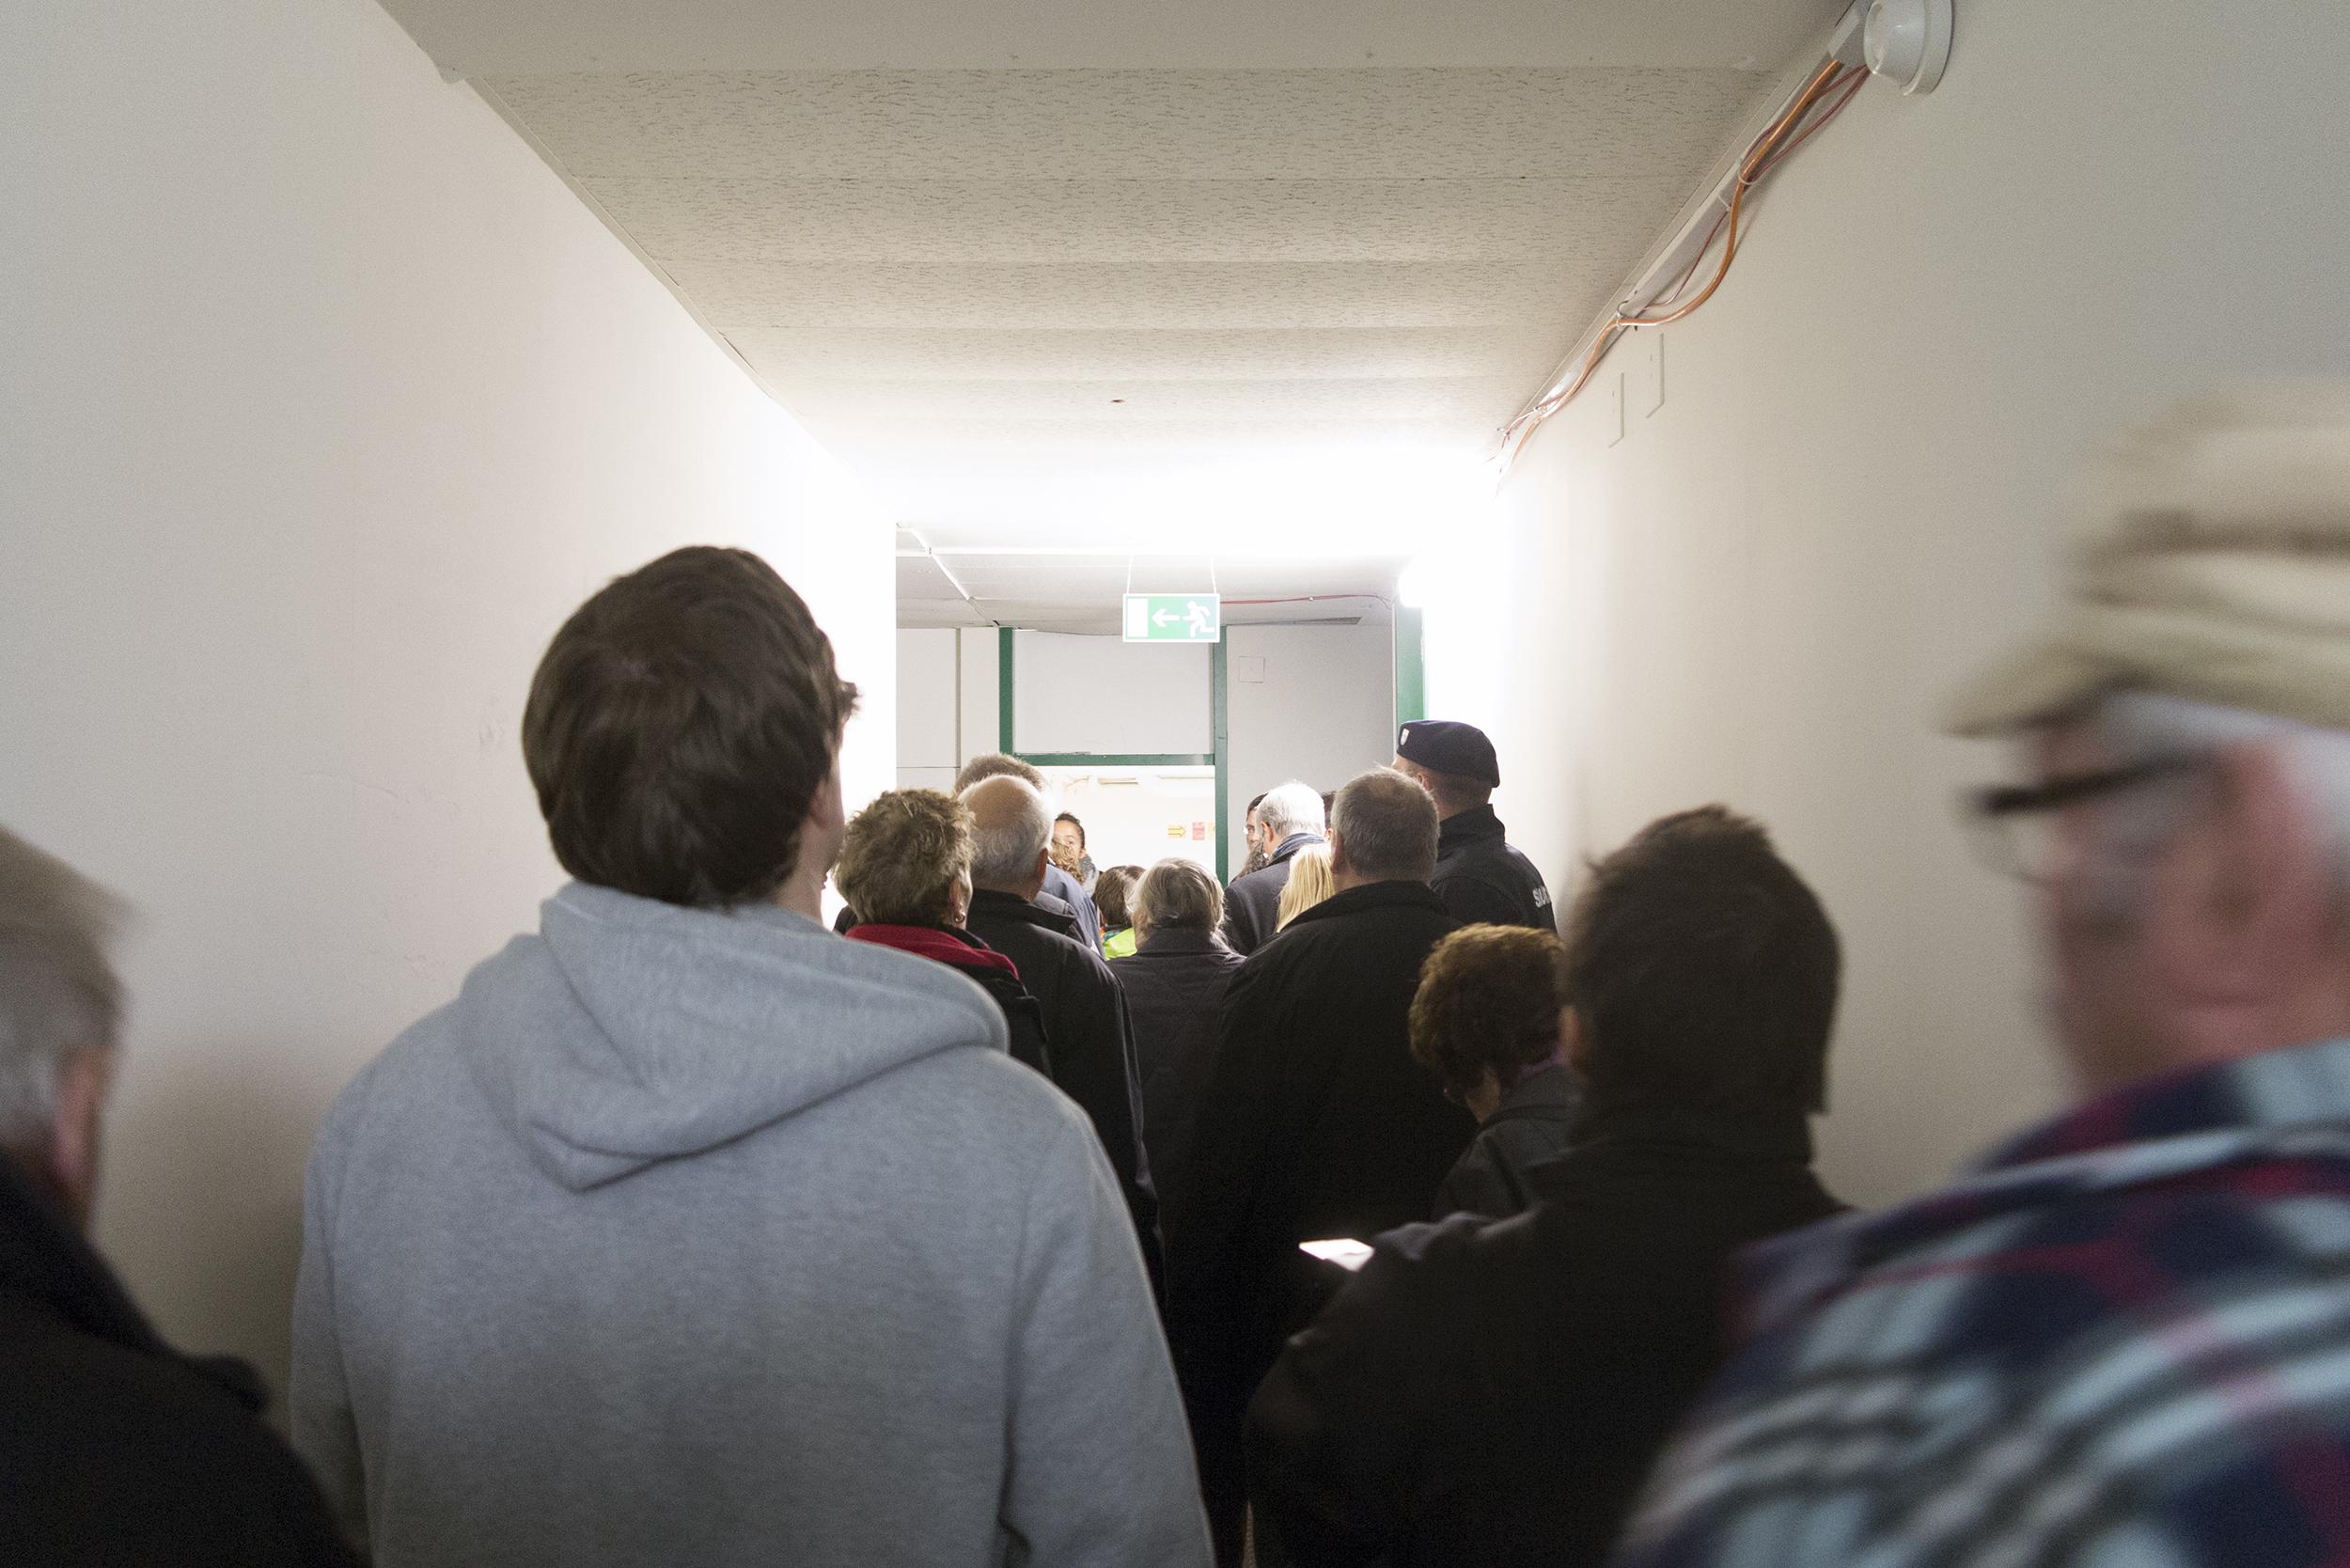 Mehr und weniger besorgte Bürger beim Rundgang durch das Bundesasylzentrum.